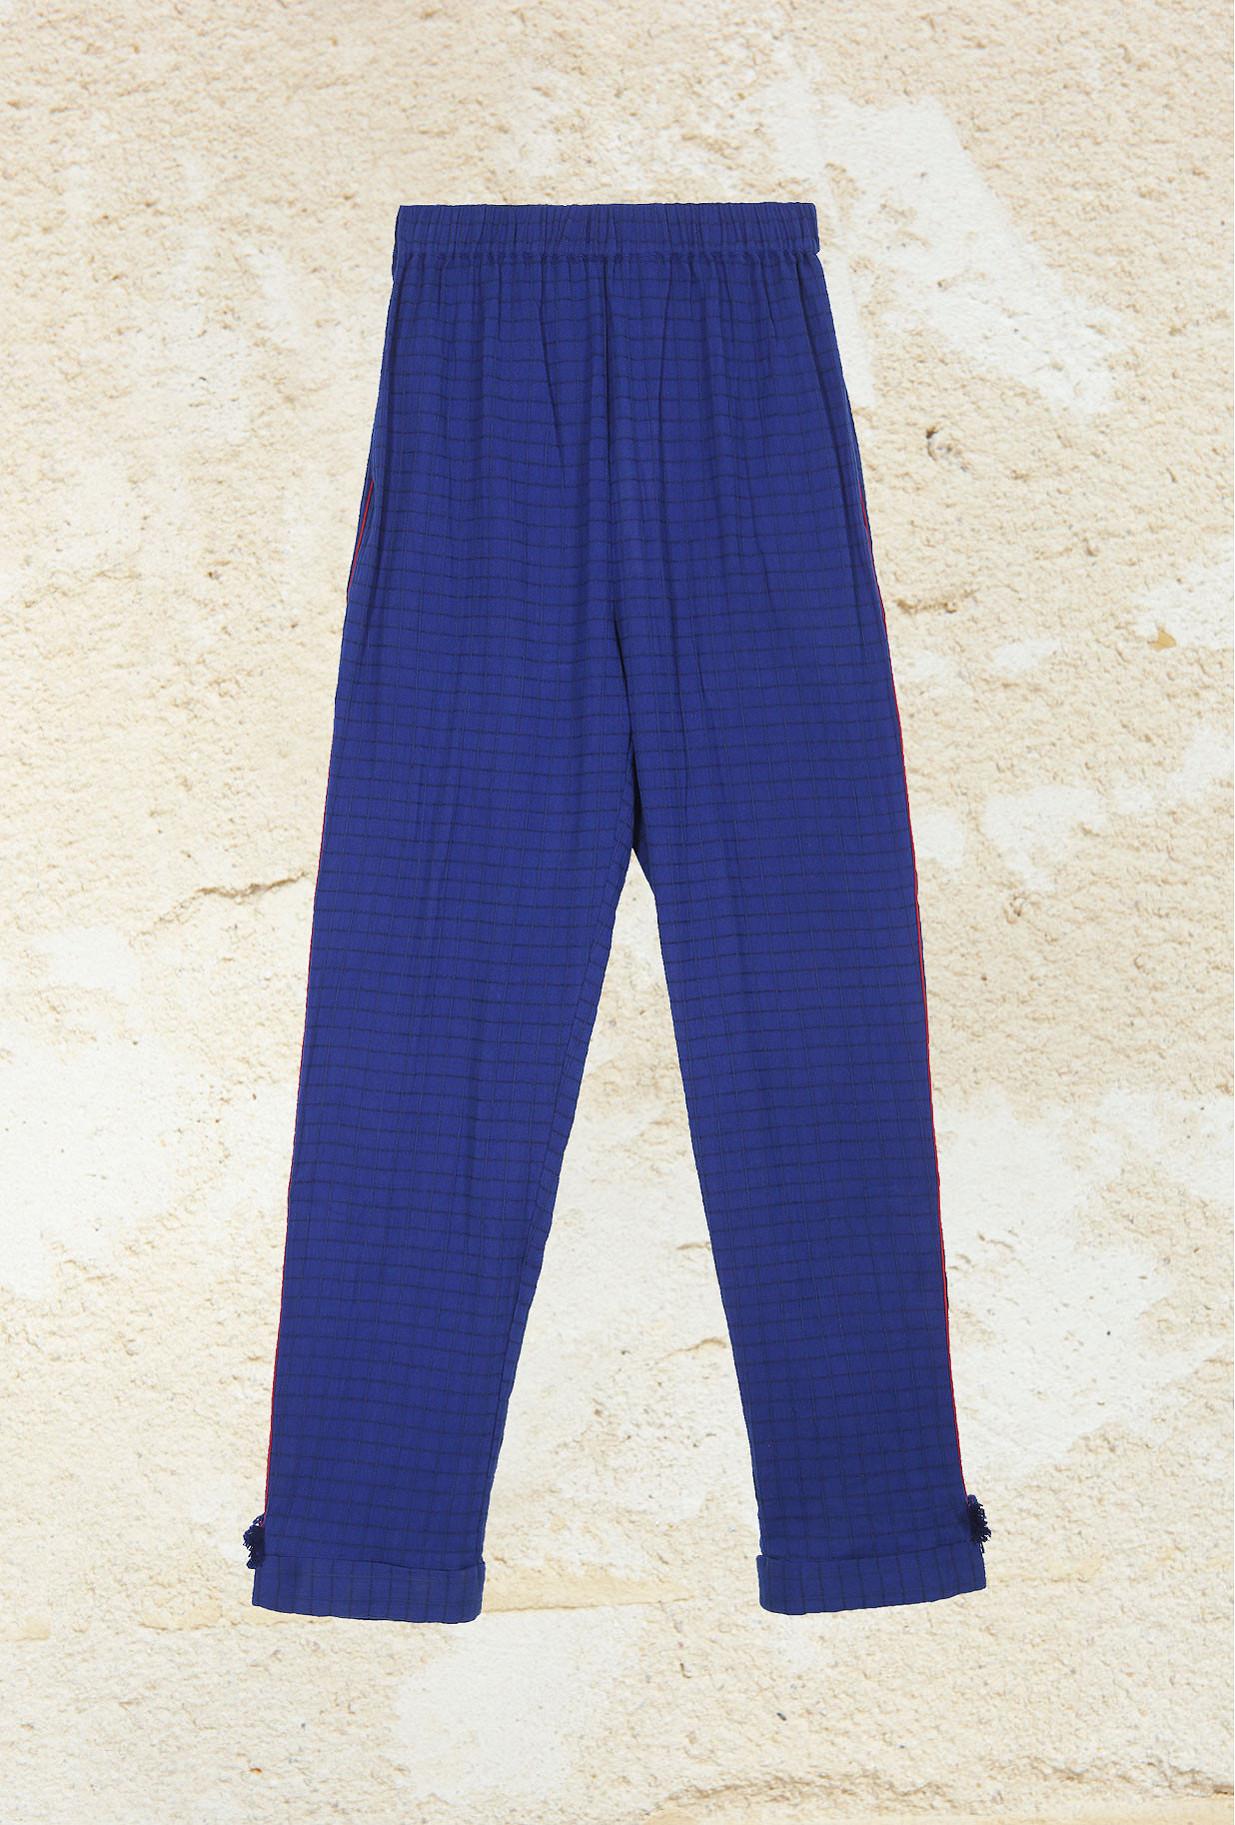 Pantalon Bleu Milano